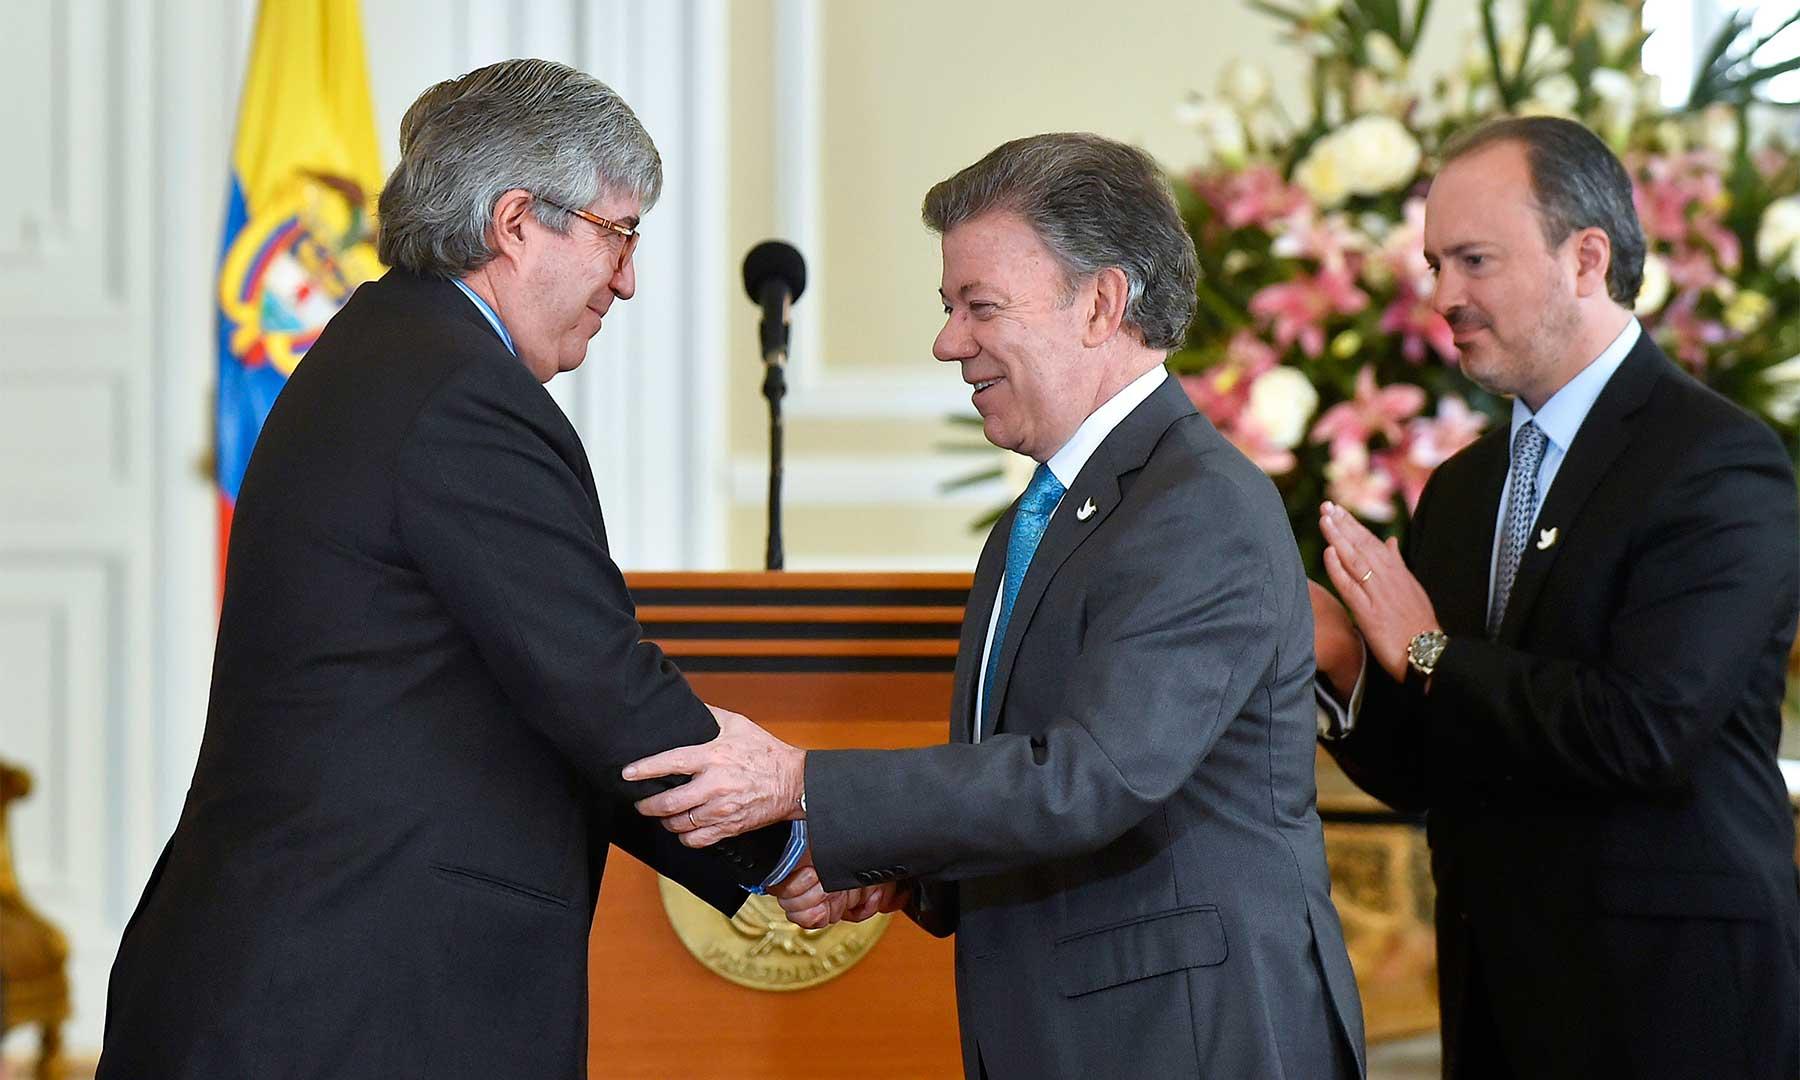 El Presidente Santos felicita en su posesión a Eduardo Díaz como nuevo Director para la Atención Integral de la Lucha contra las Drogas, con la misión de buscar estrategias efectivas en sustitución de cultivos ilícitos.